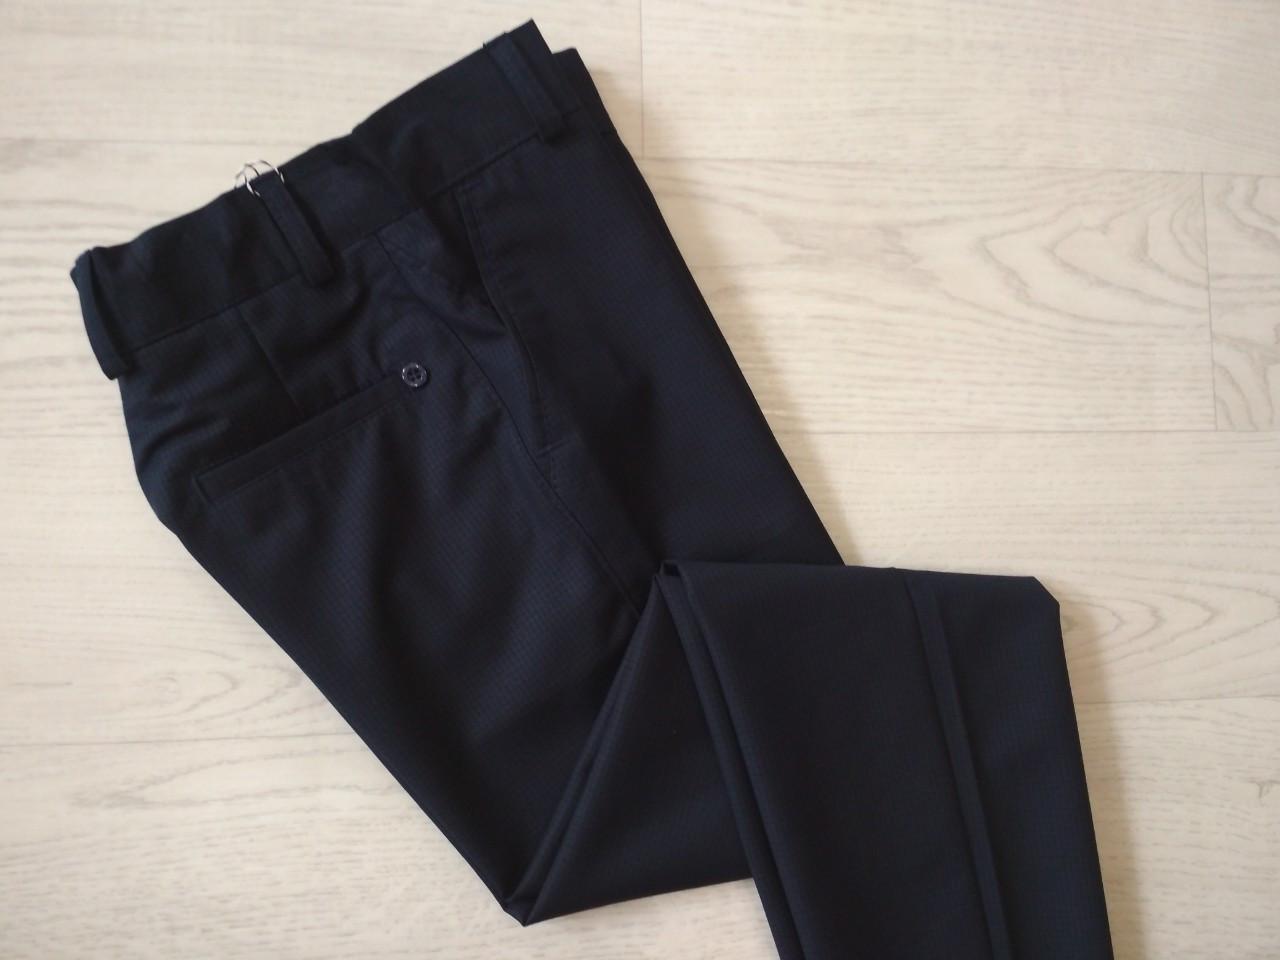 Школьные брюки без стрелок для мальчика р. 122, 128, 134, 140, 146